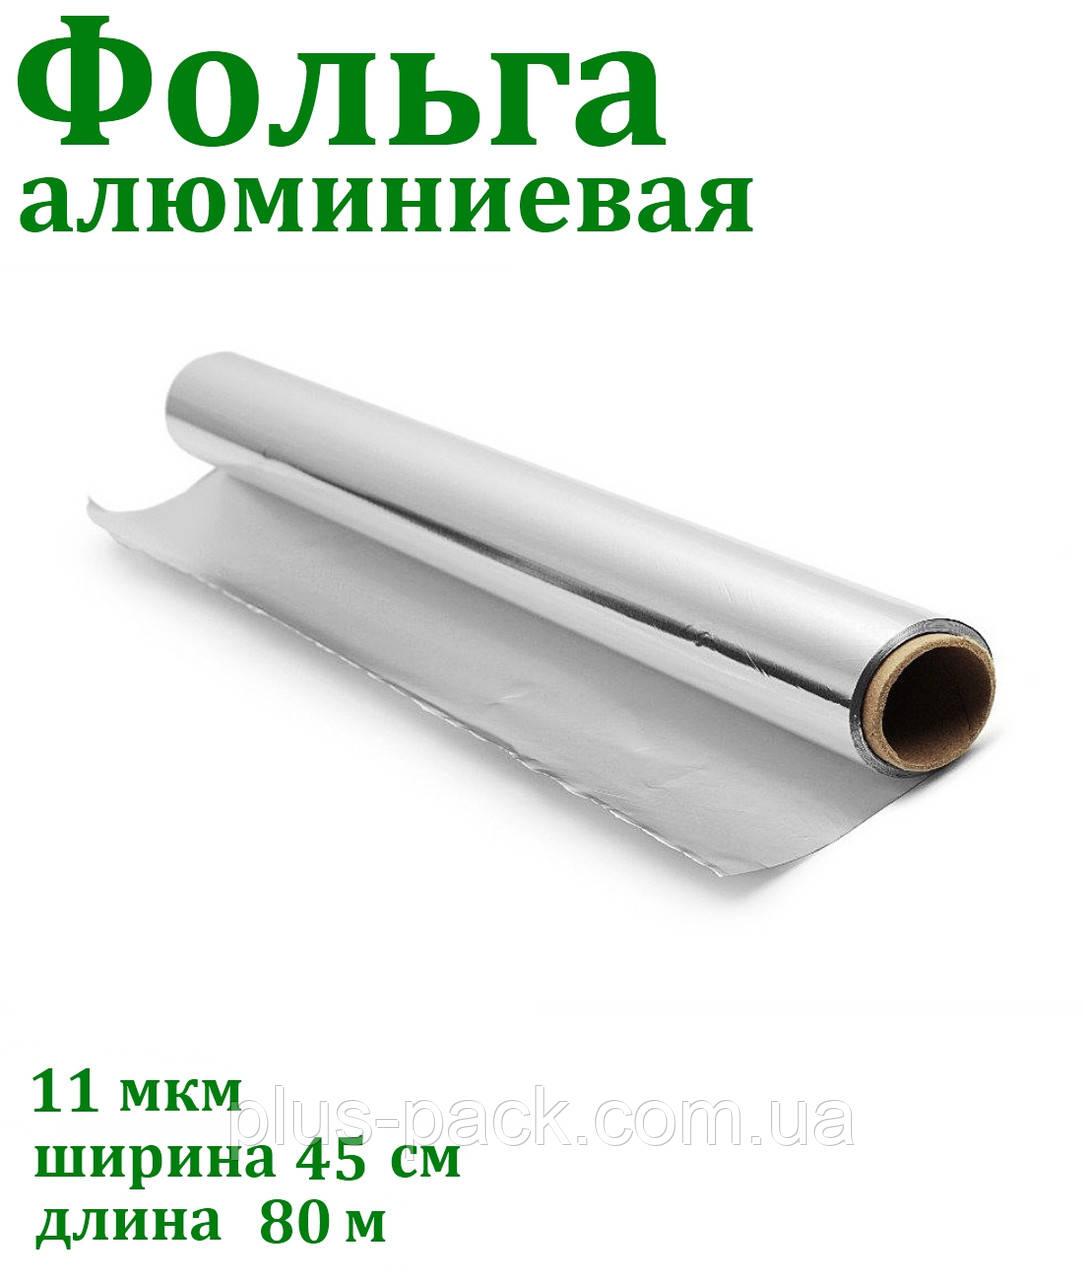 Алюминиевая фольга для запекания 11 мкм